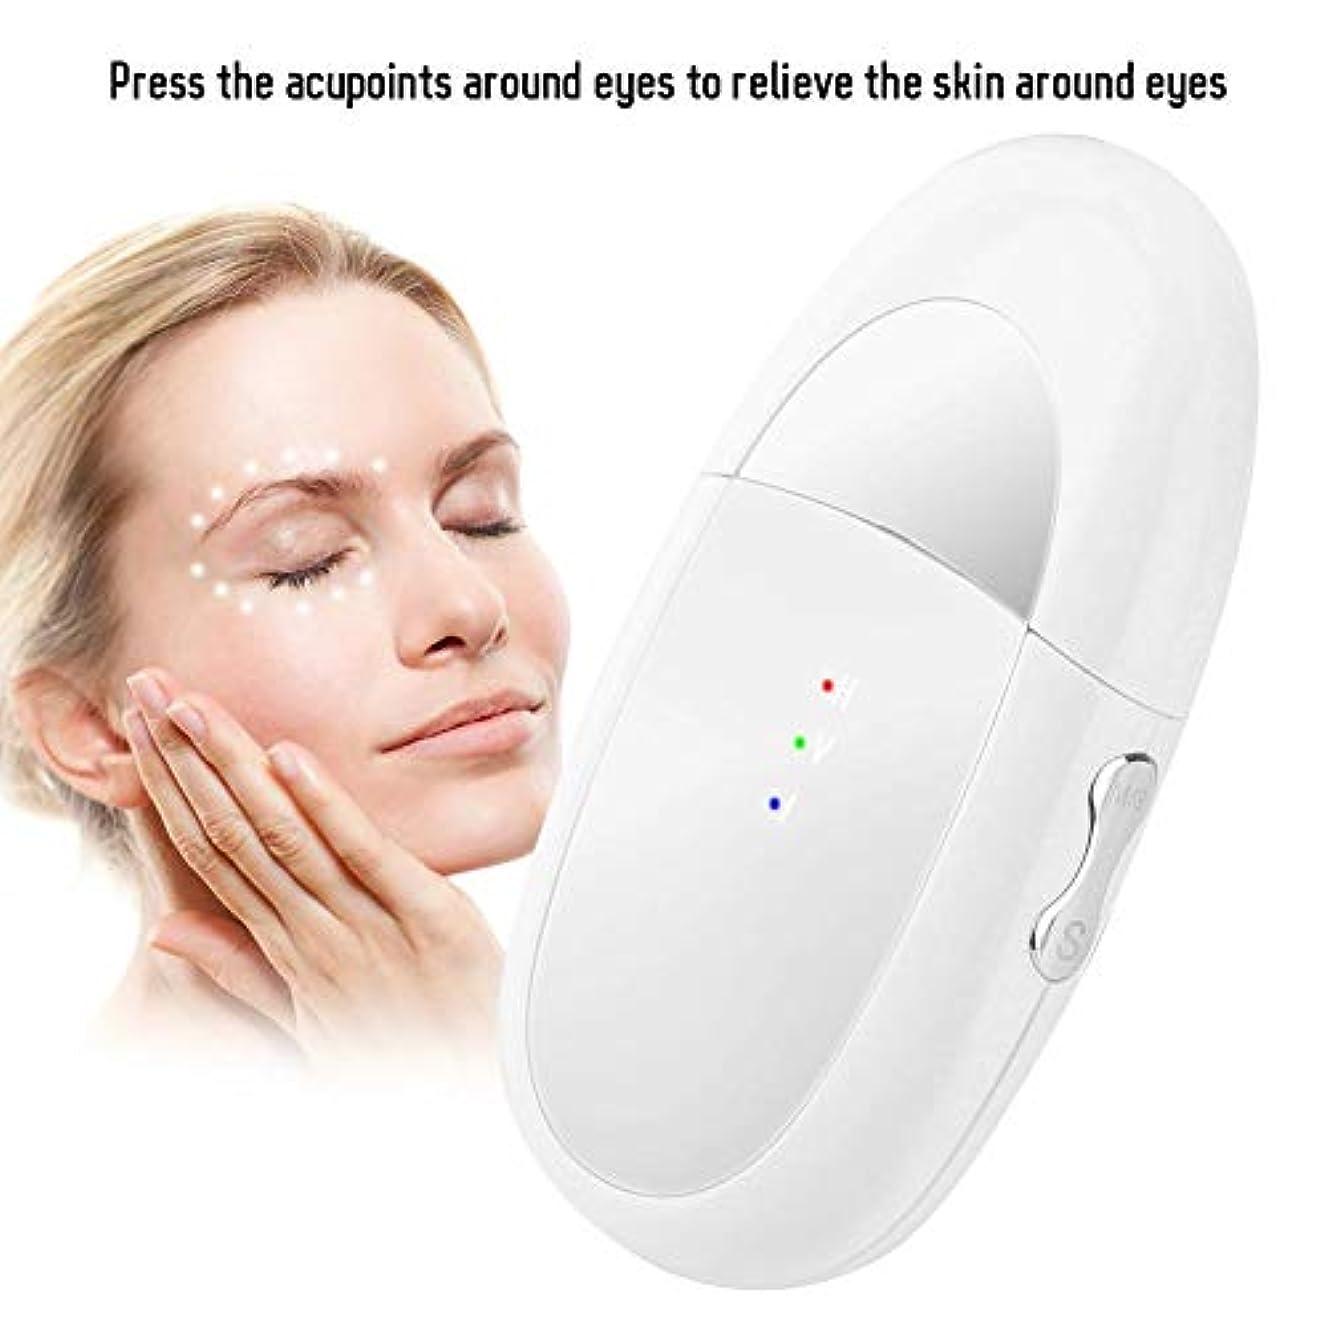 オン知り合い各アイマッサージャー、2 in 1 Eye&Lipマッサージャーイオンインポートバイブレーションマッサージャーは、ダークサークルとむくみを緩和しますEyes&Lips Care Device